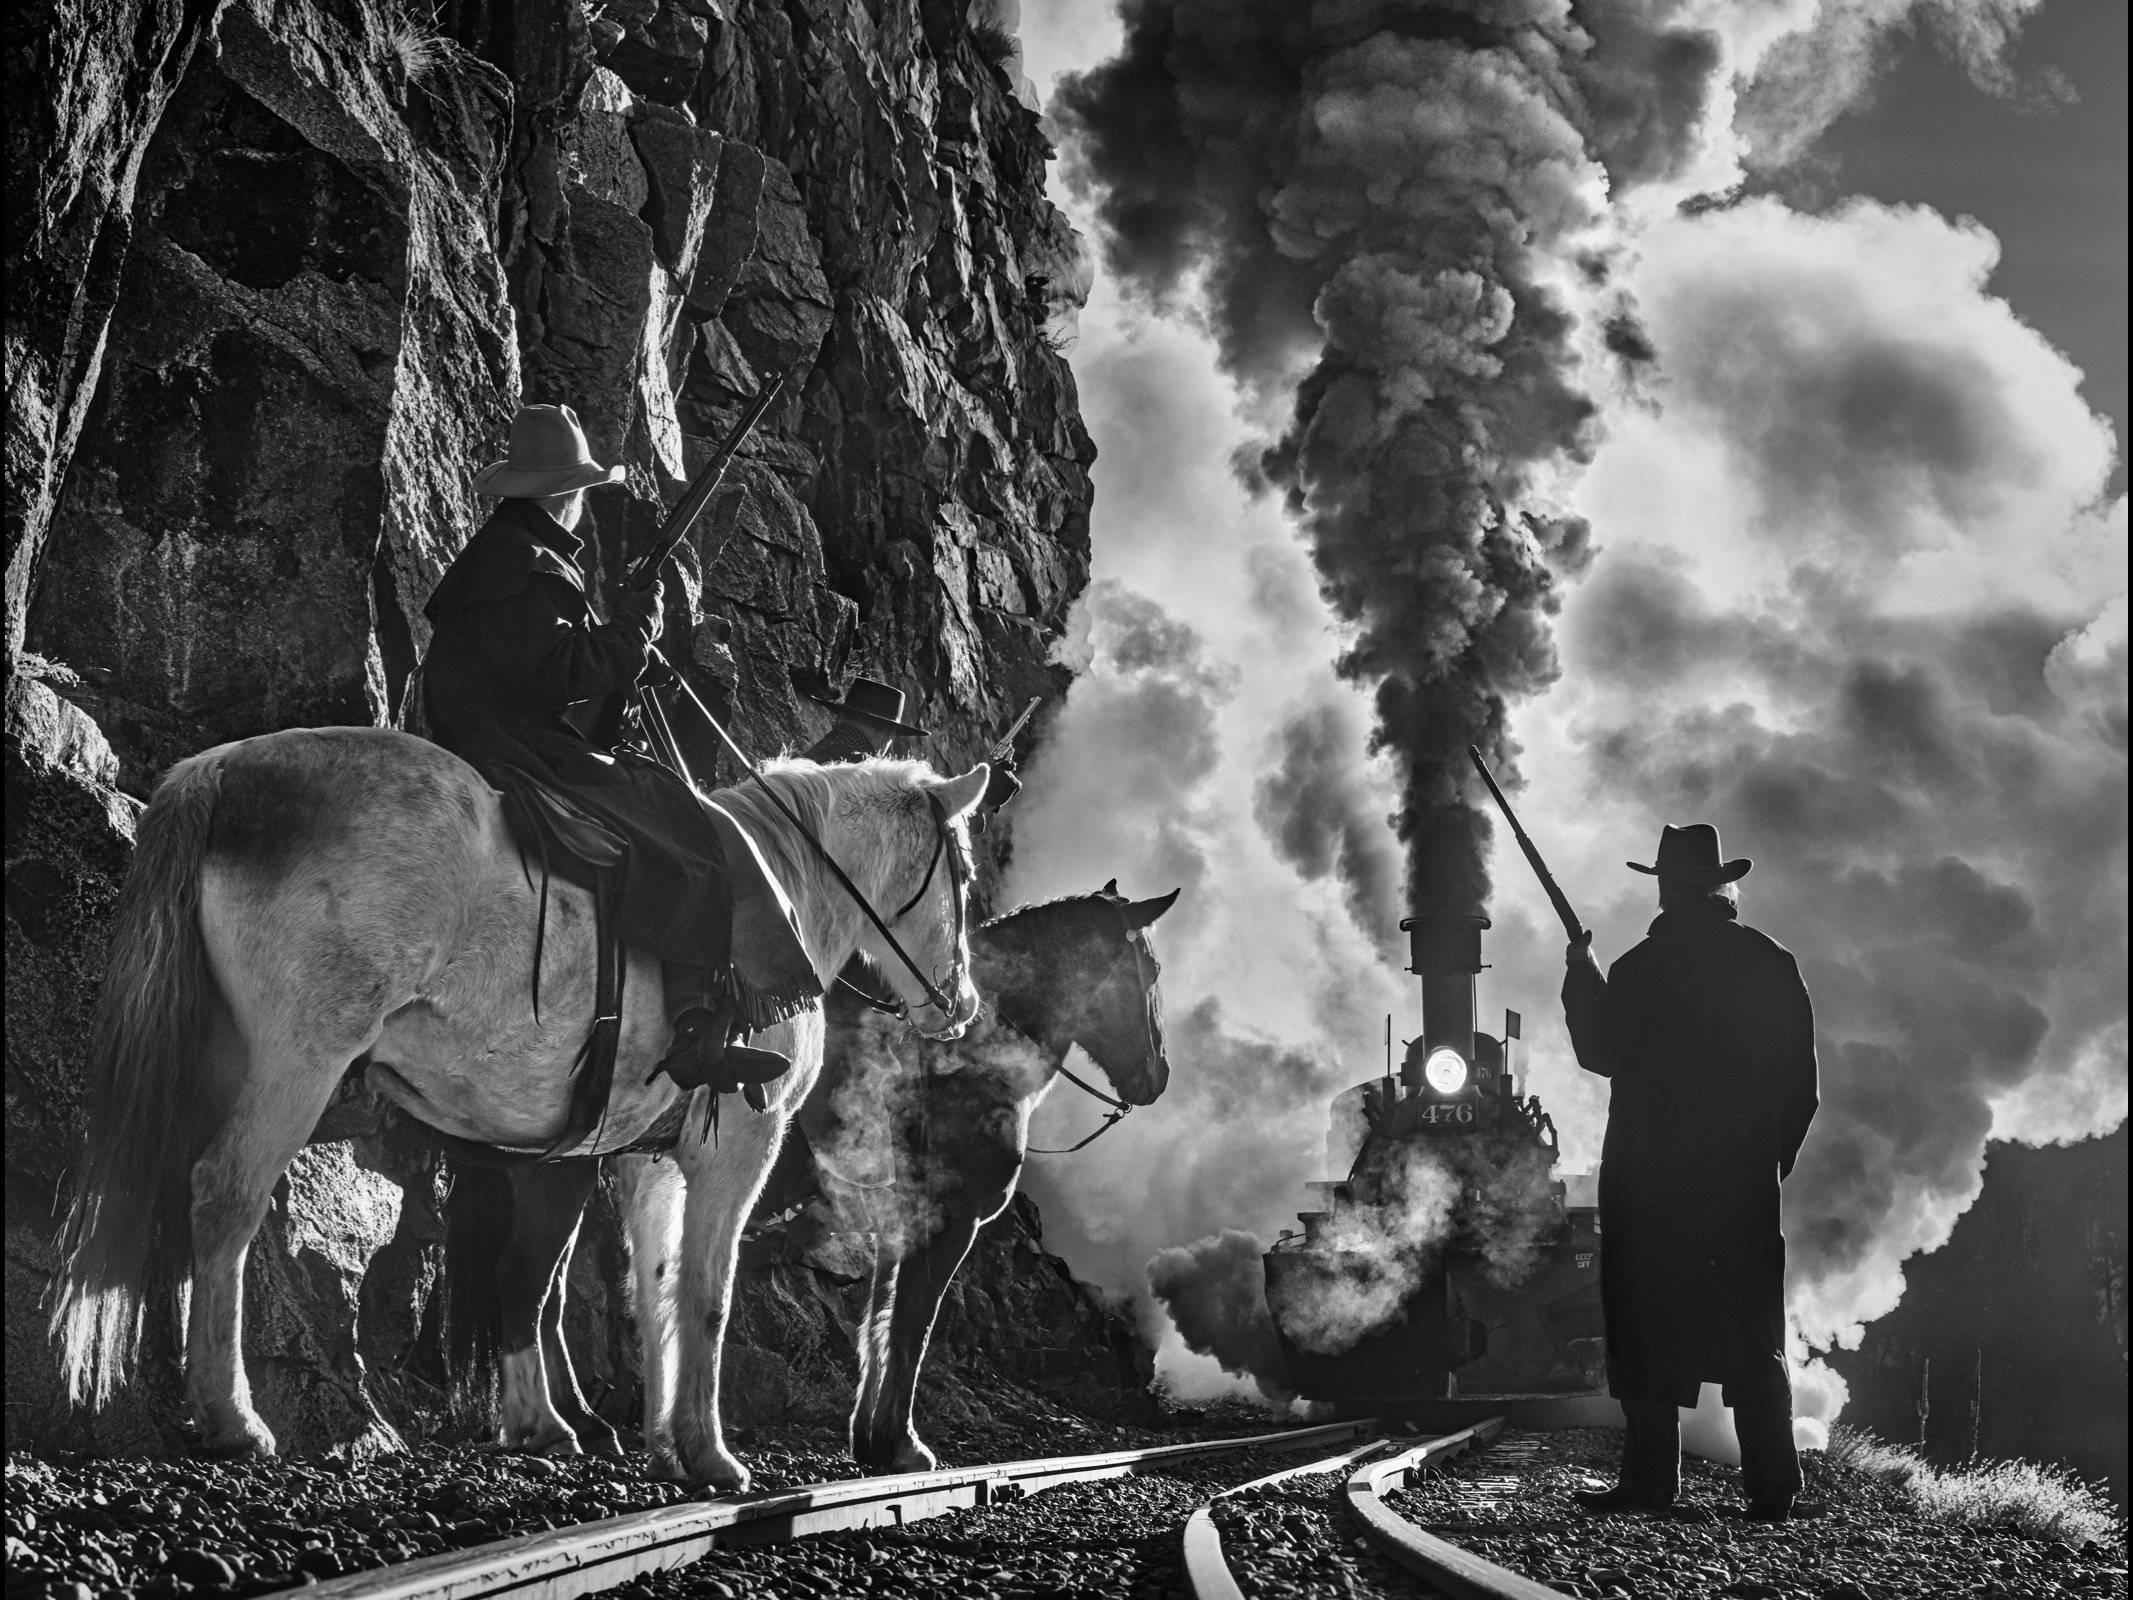 DAVID YARROW. Photography. Durango Train. The Iron Horse. Sorrel sky Gallery